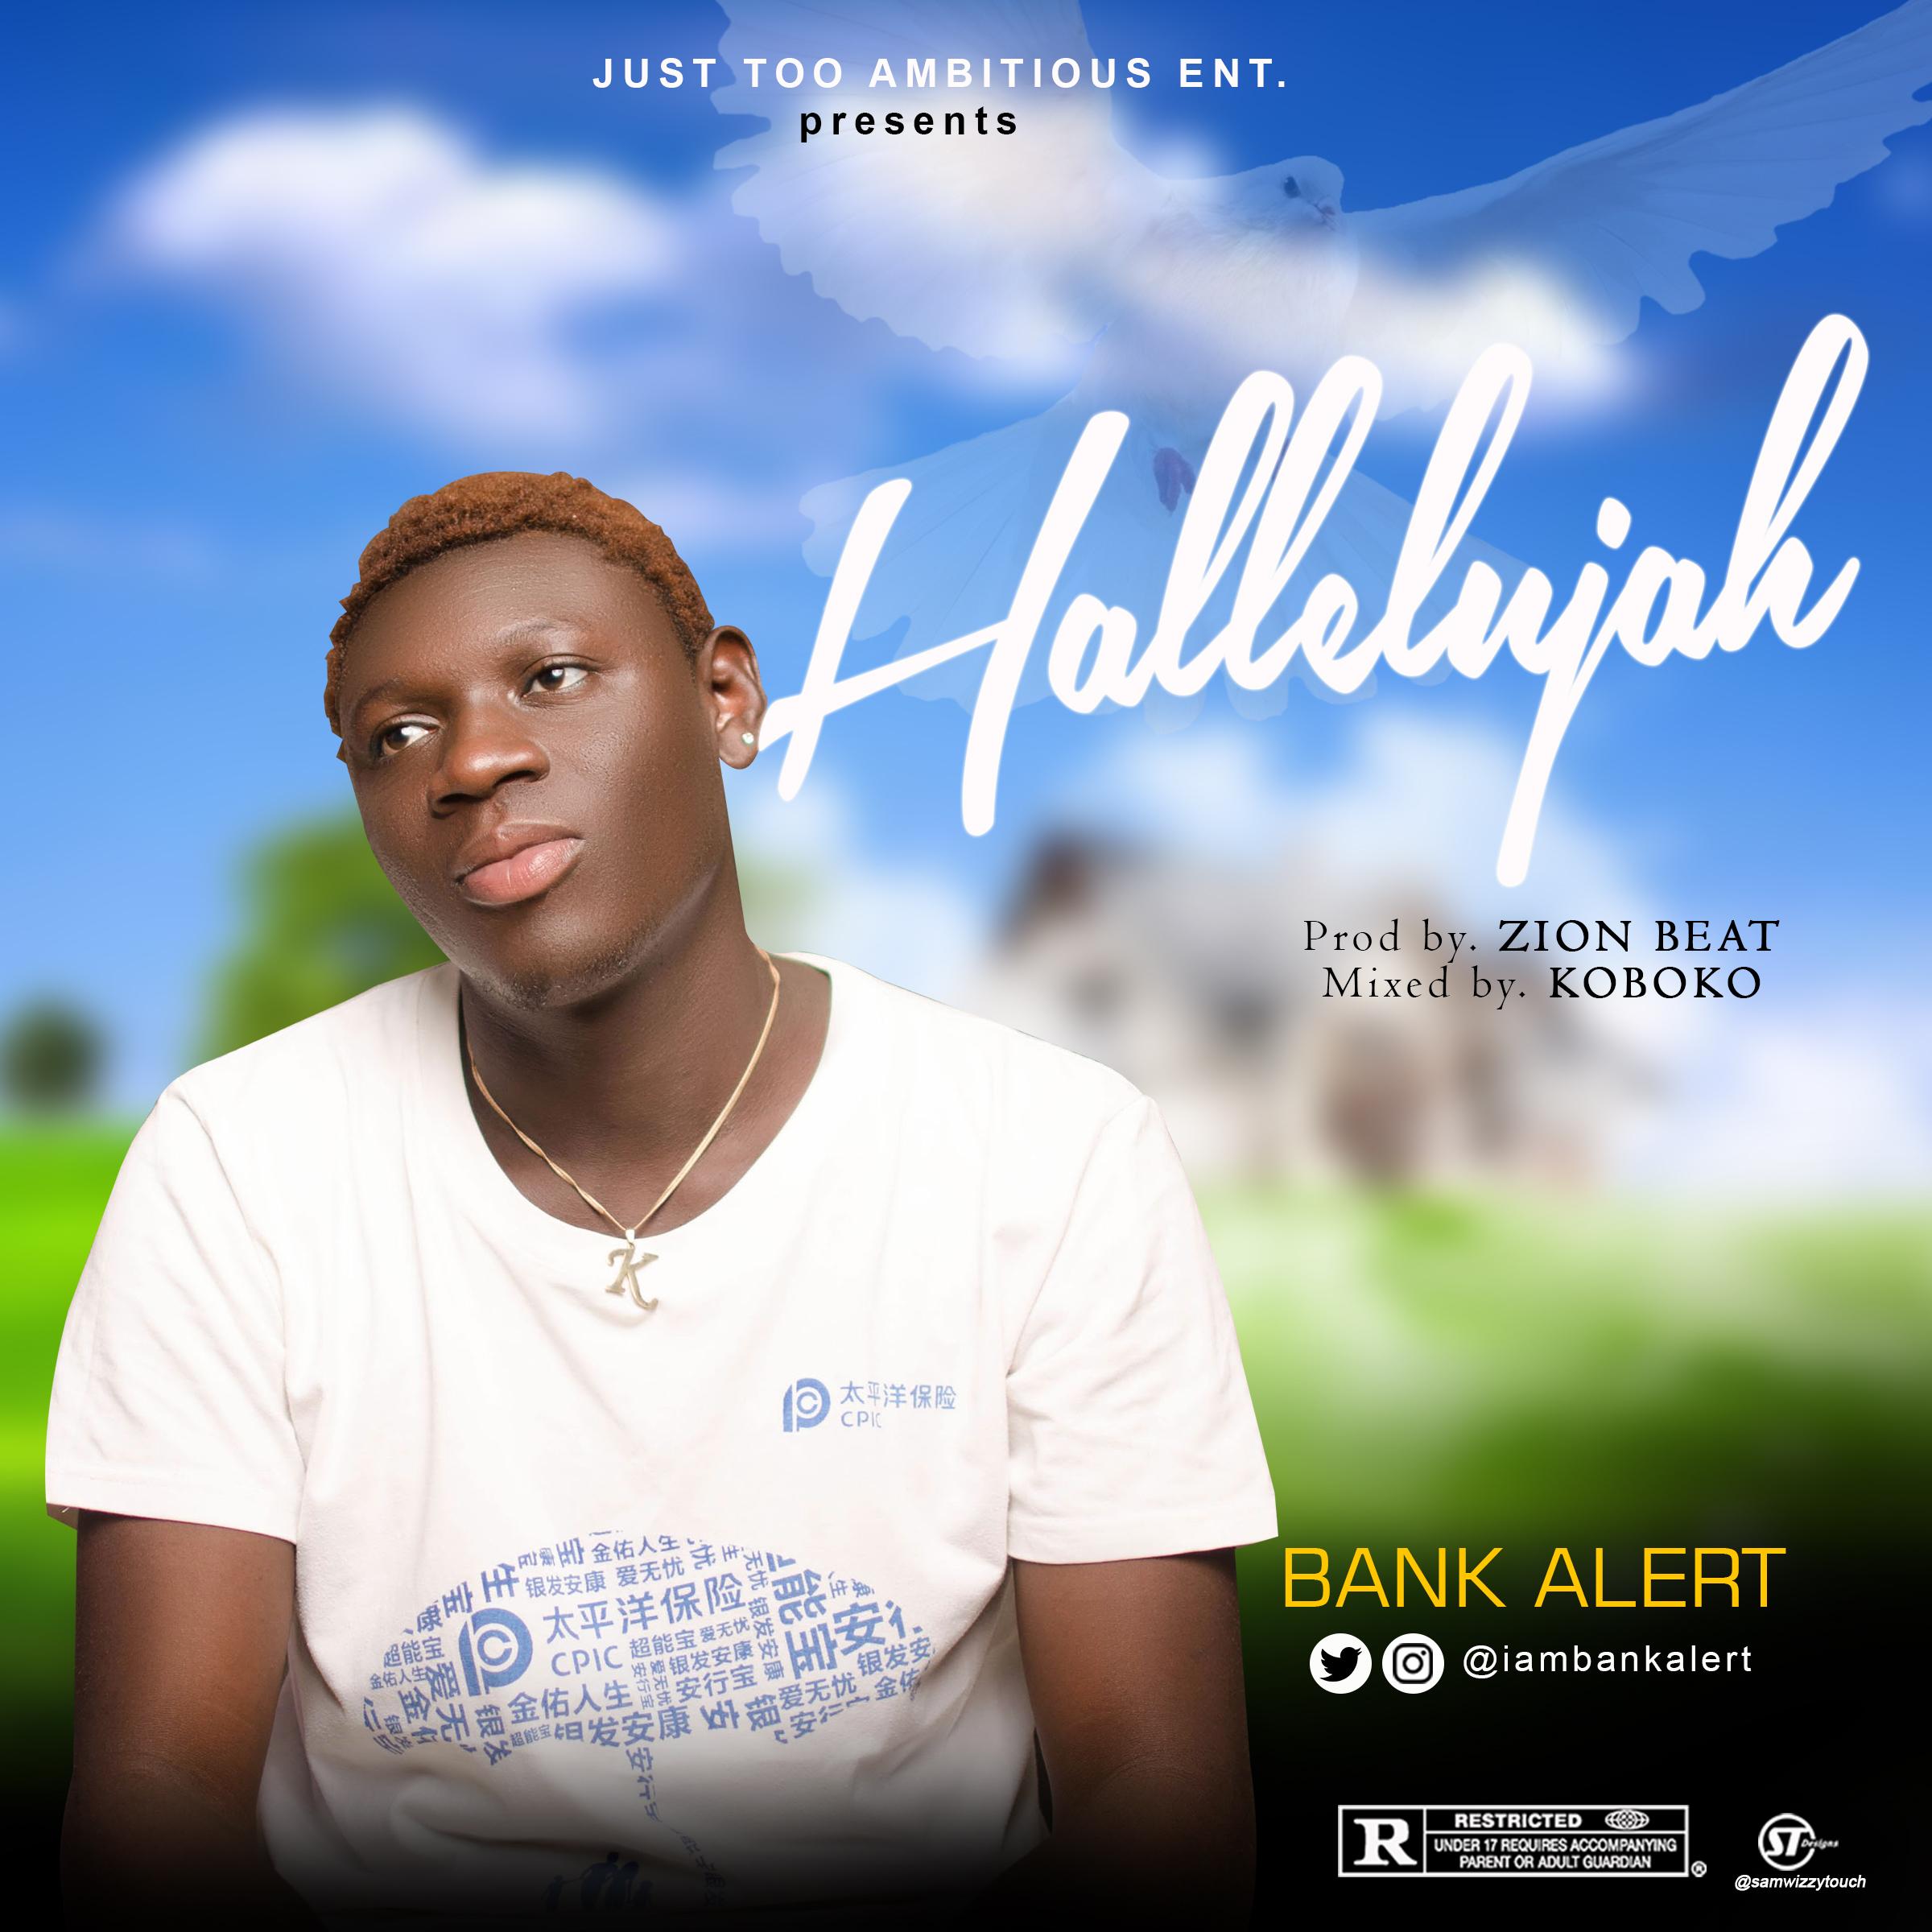 Bank Alert - Hallelujah